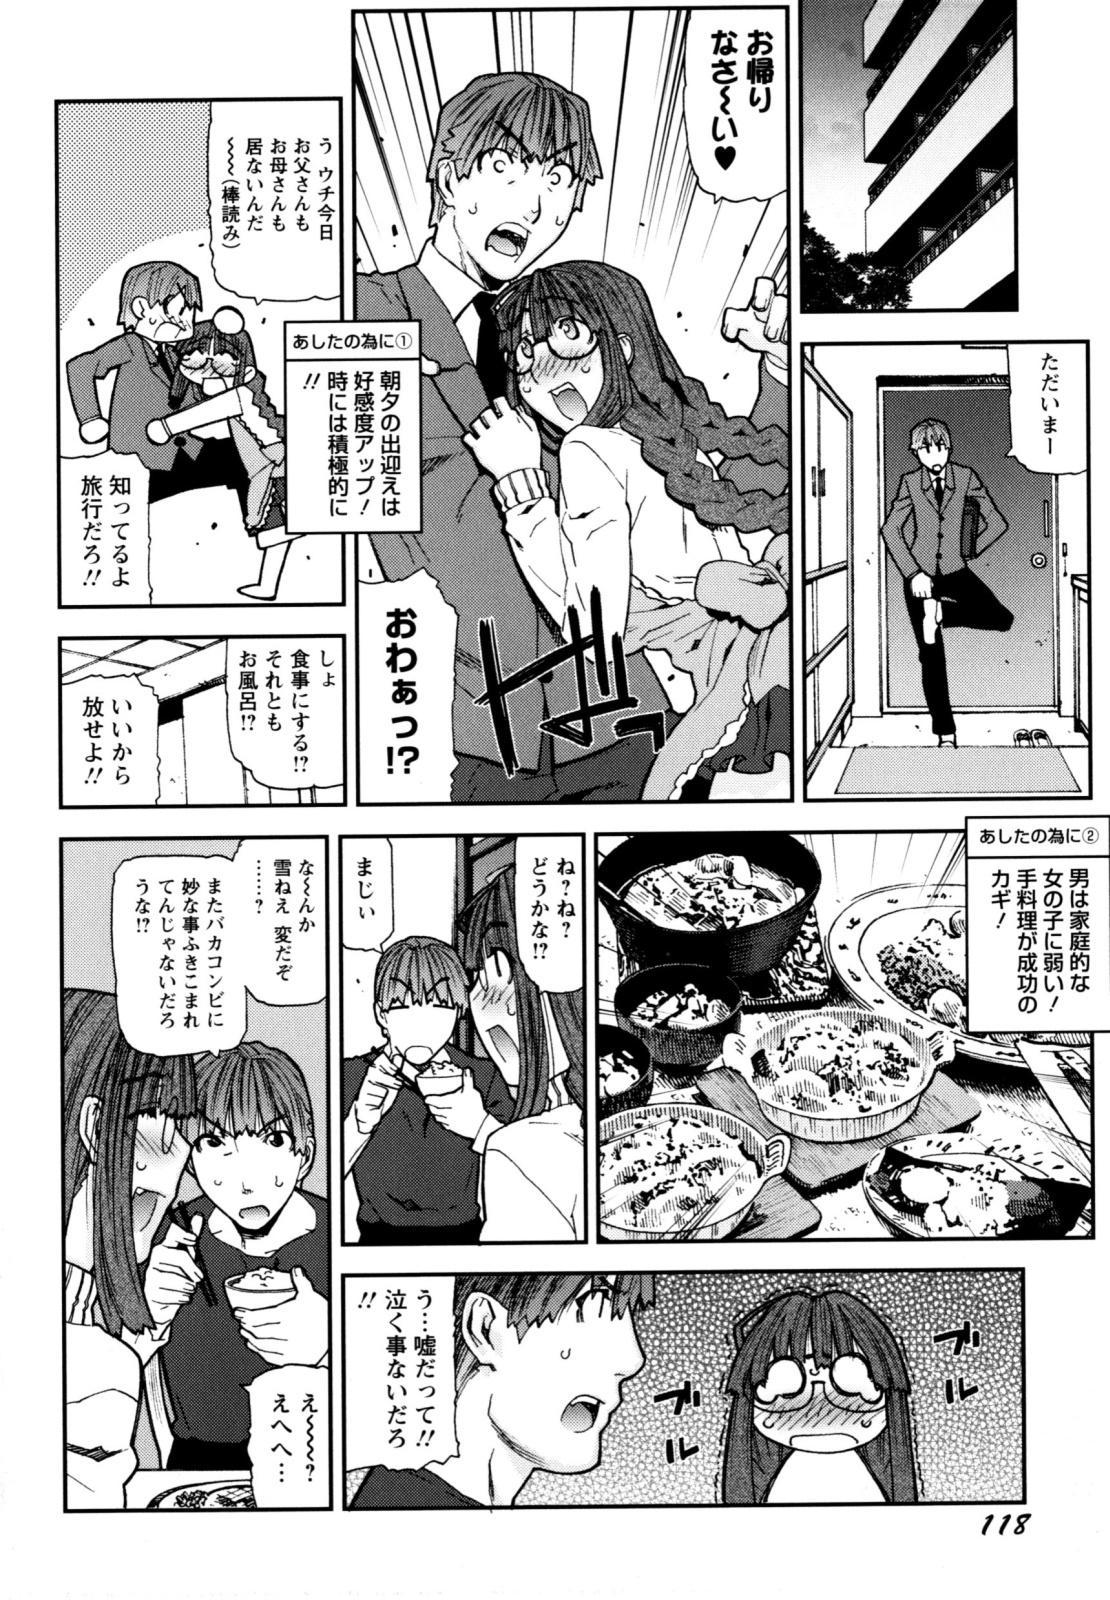 Fukuro no Nakami 121